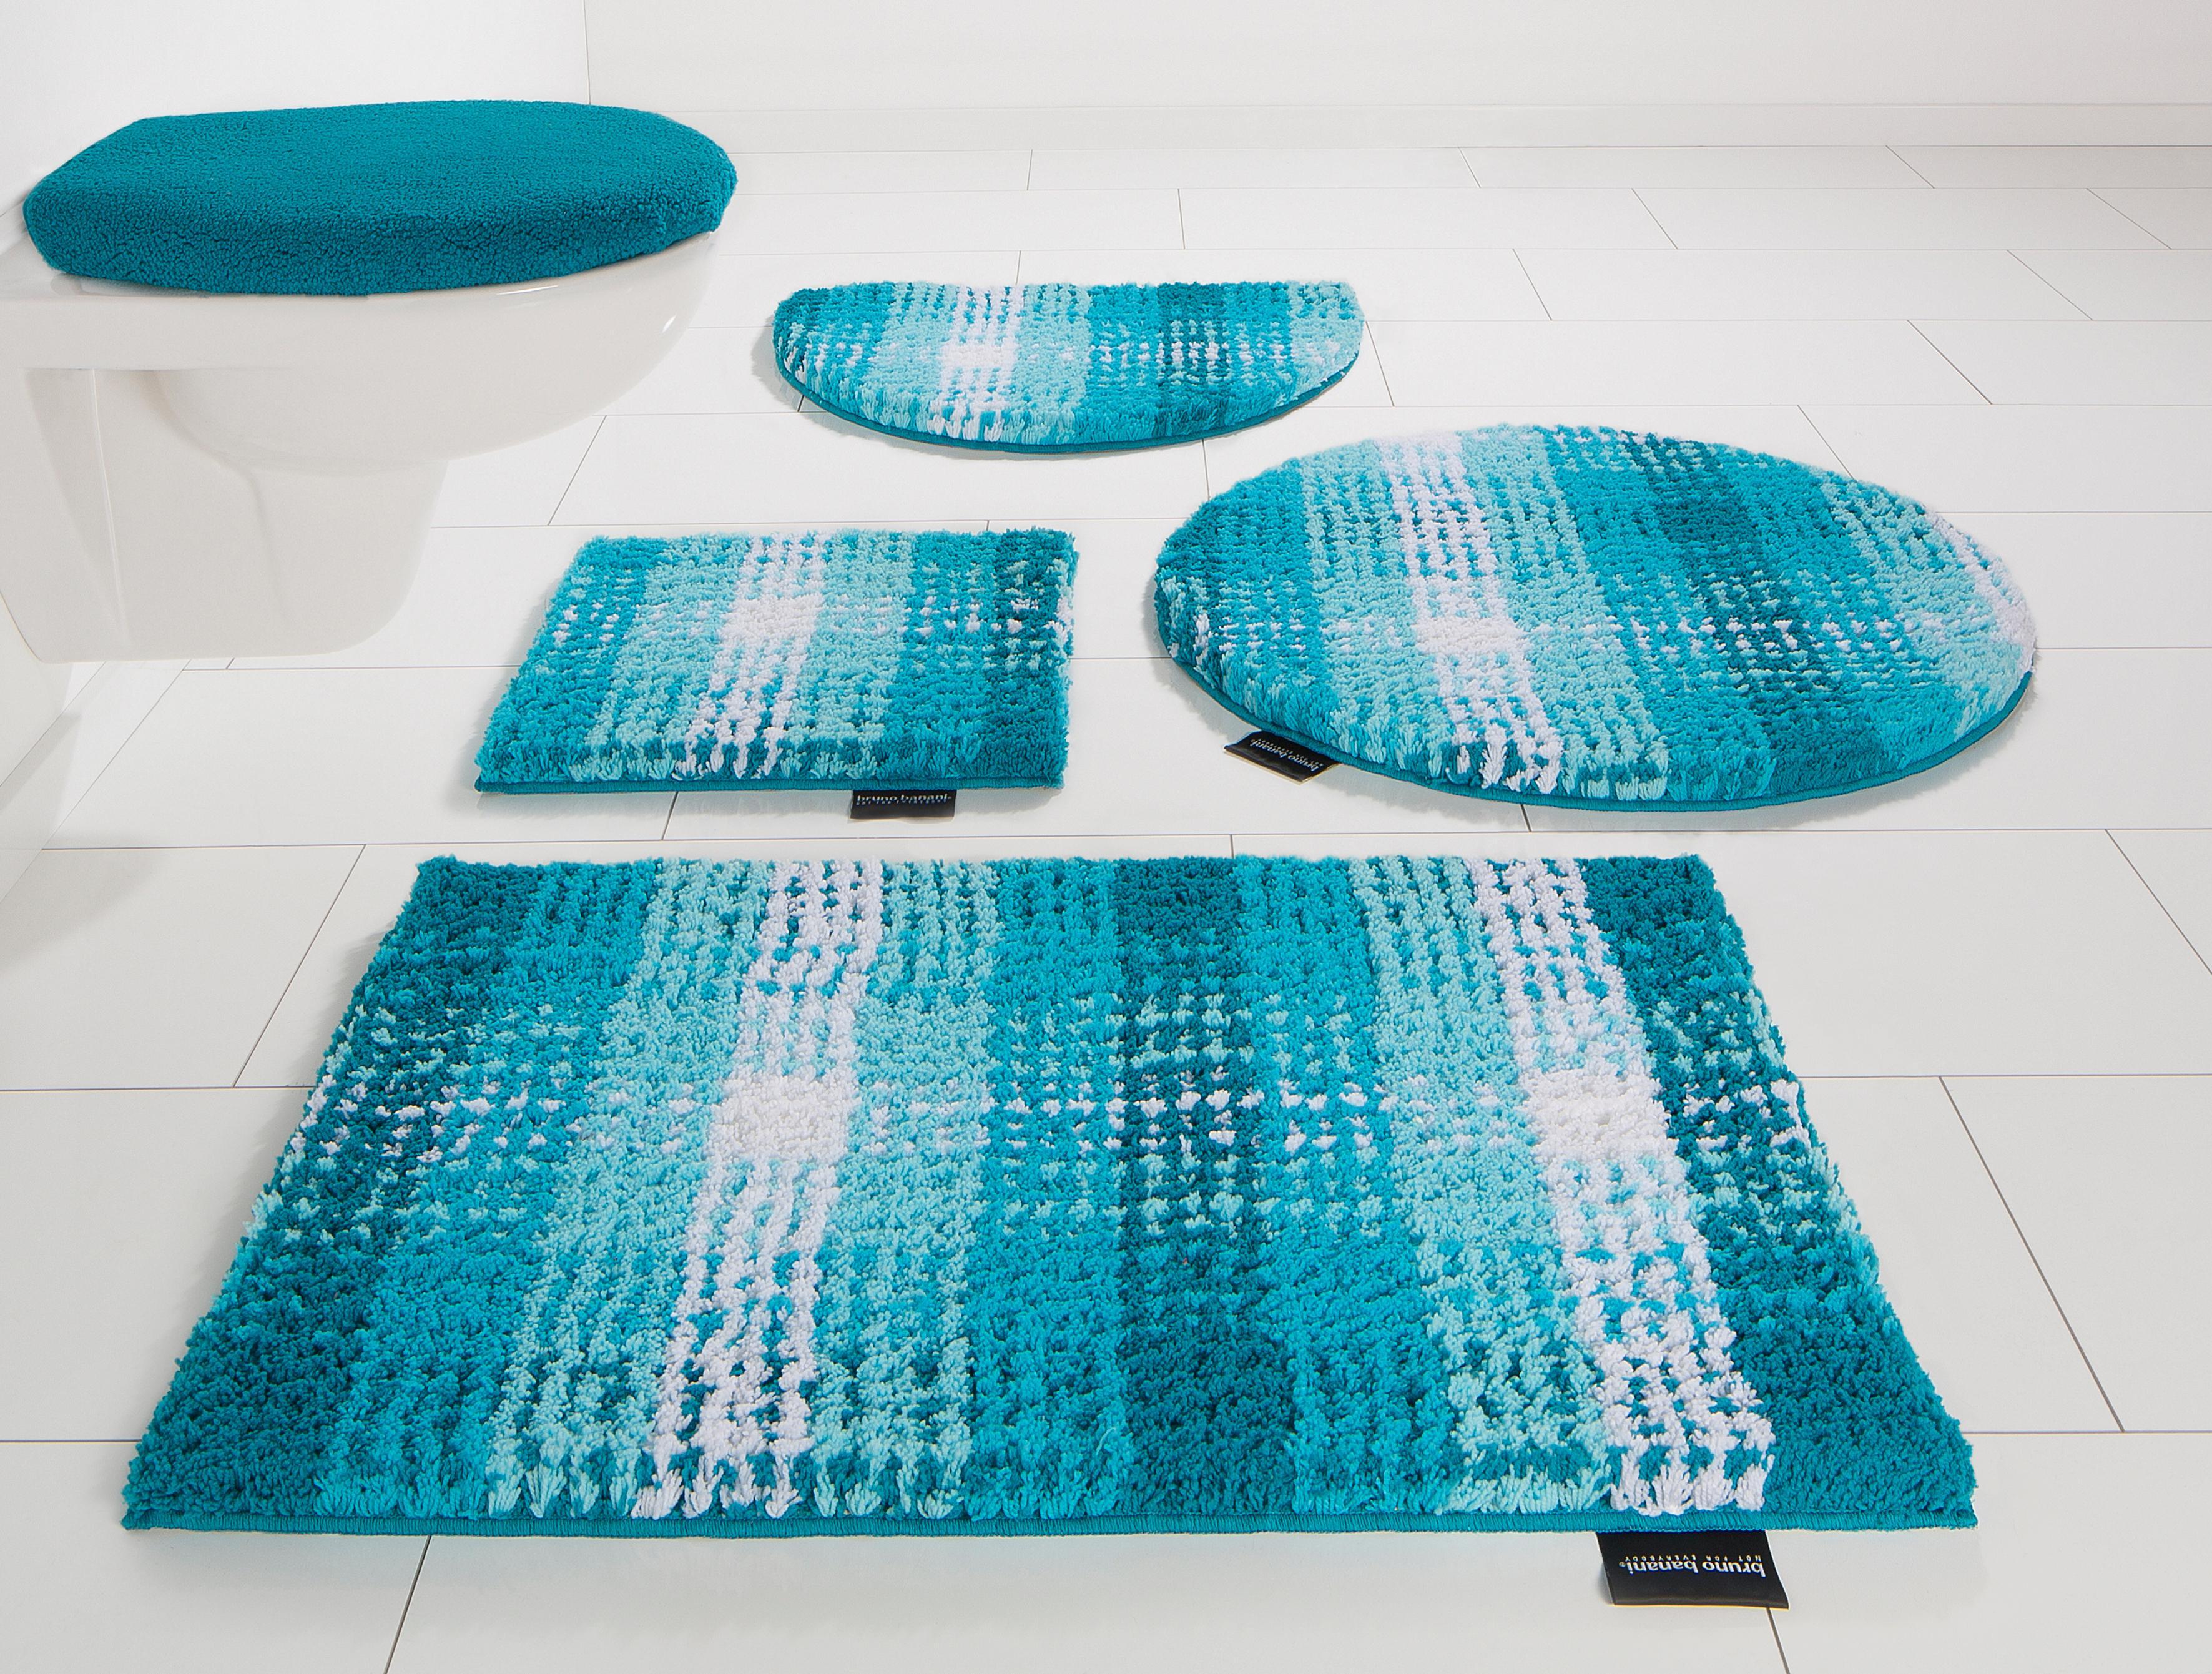 Badematte Kyros Höhe 25 mm rutschhemmend beschichtet Bruno Banani blau 1 (quadratisch 45x45 cm),2 (rechteckig 50x80 cm),3 (rechteckig 60x100 cm),4 (rechteckig 70x139 cm),5 (rechteckig 80x150 cm),6 (rechteckig 90x160 cm)